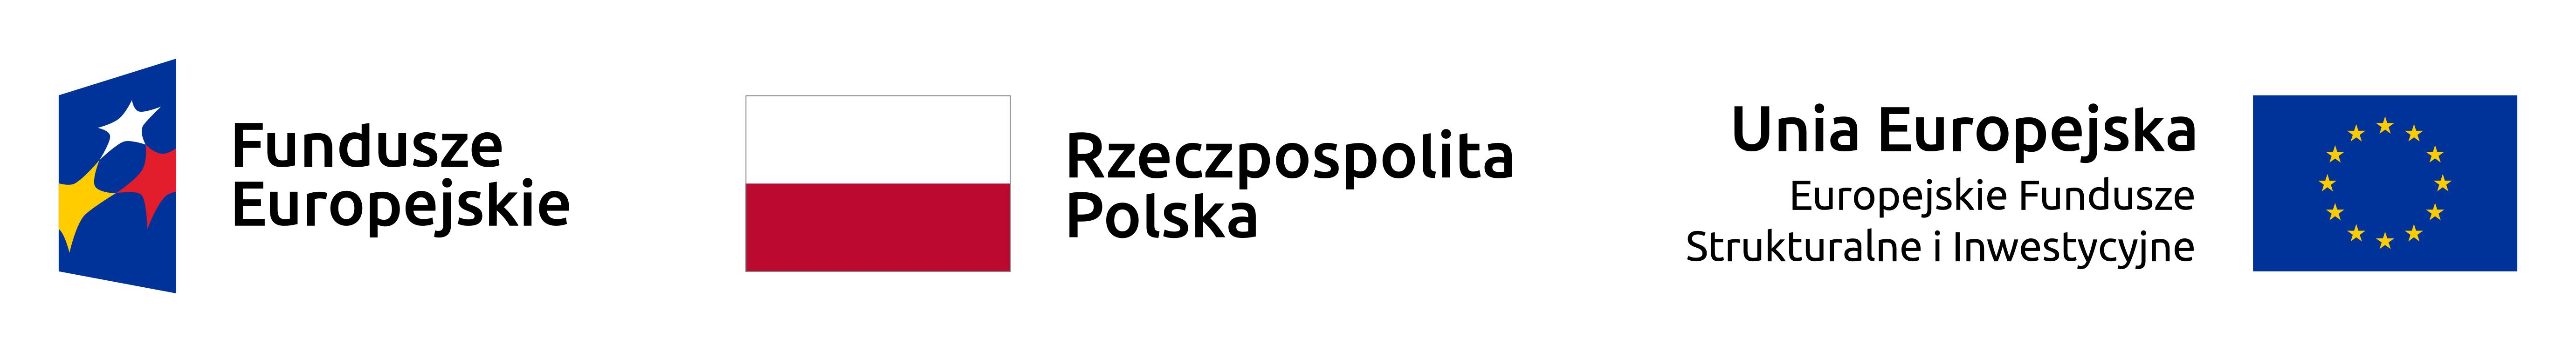 Fundusze Europejskie, Rzeczpospolita Polska, Mazowsze, Unia Europejska